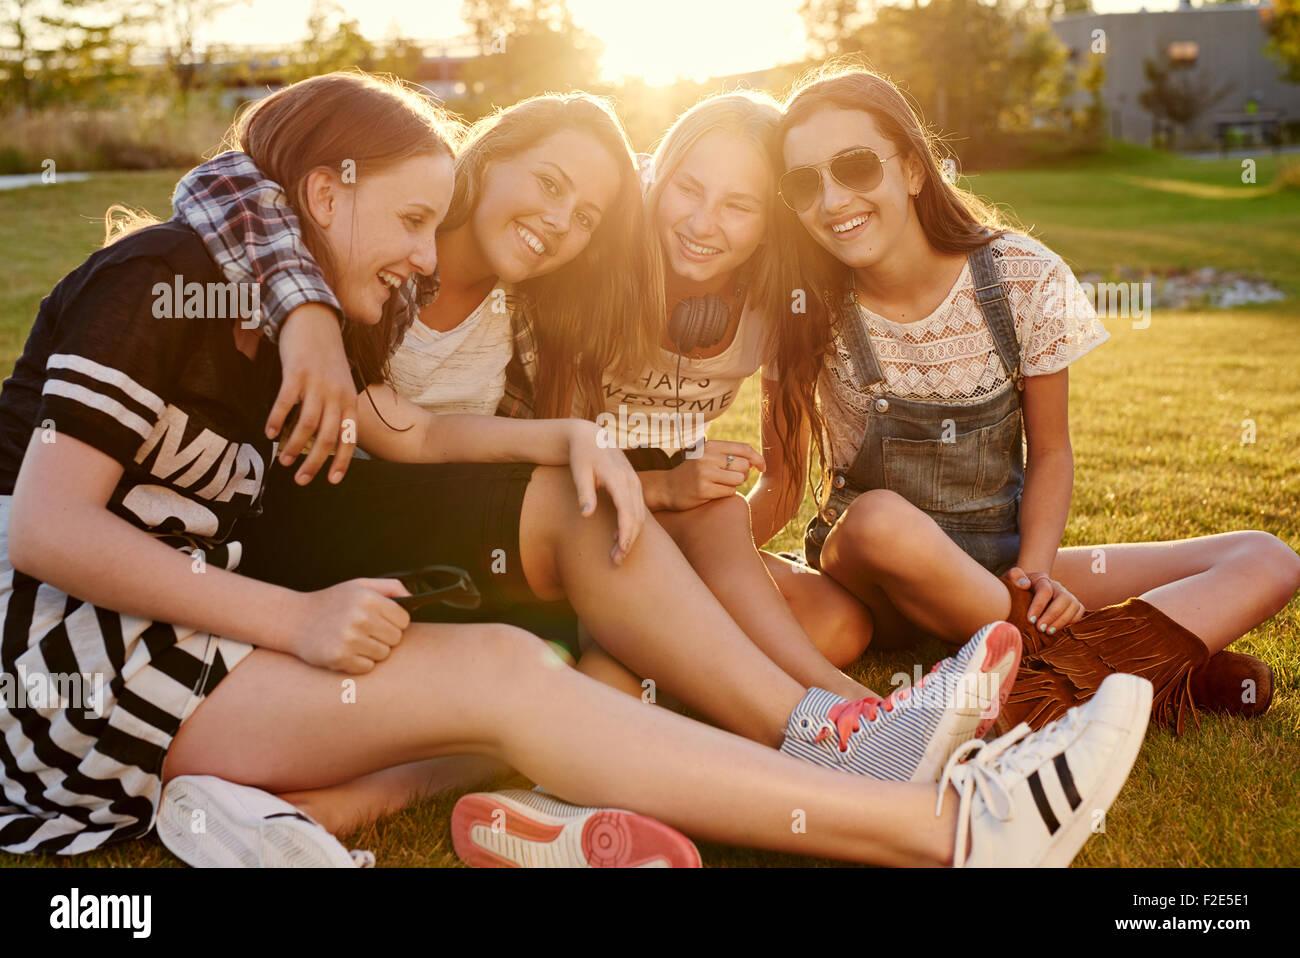 Mejores amigos colgando fuera en una noche de verano en un parque Imagen De Stock